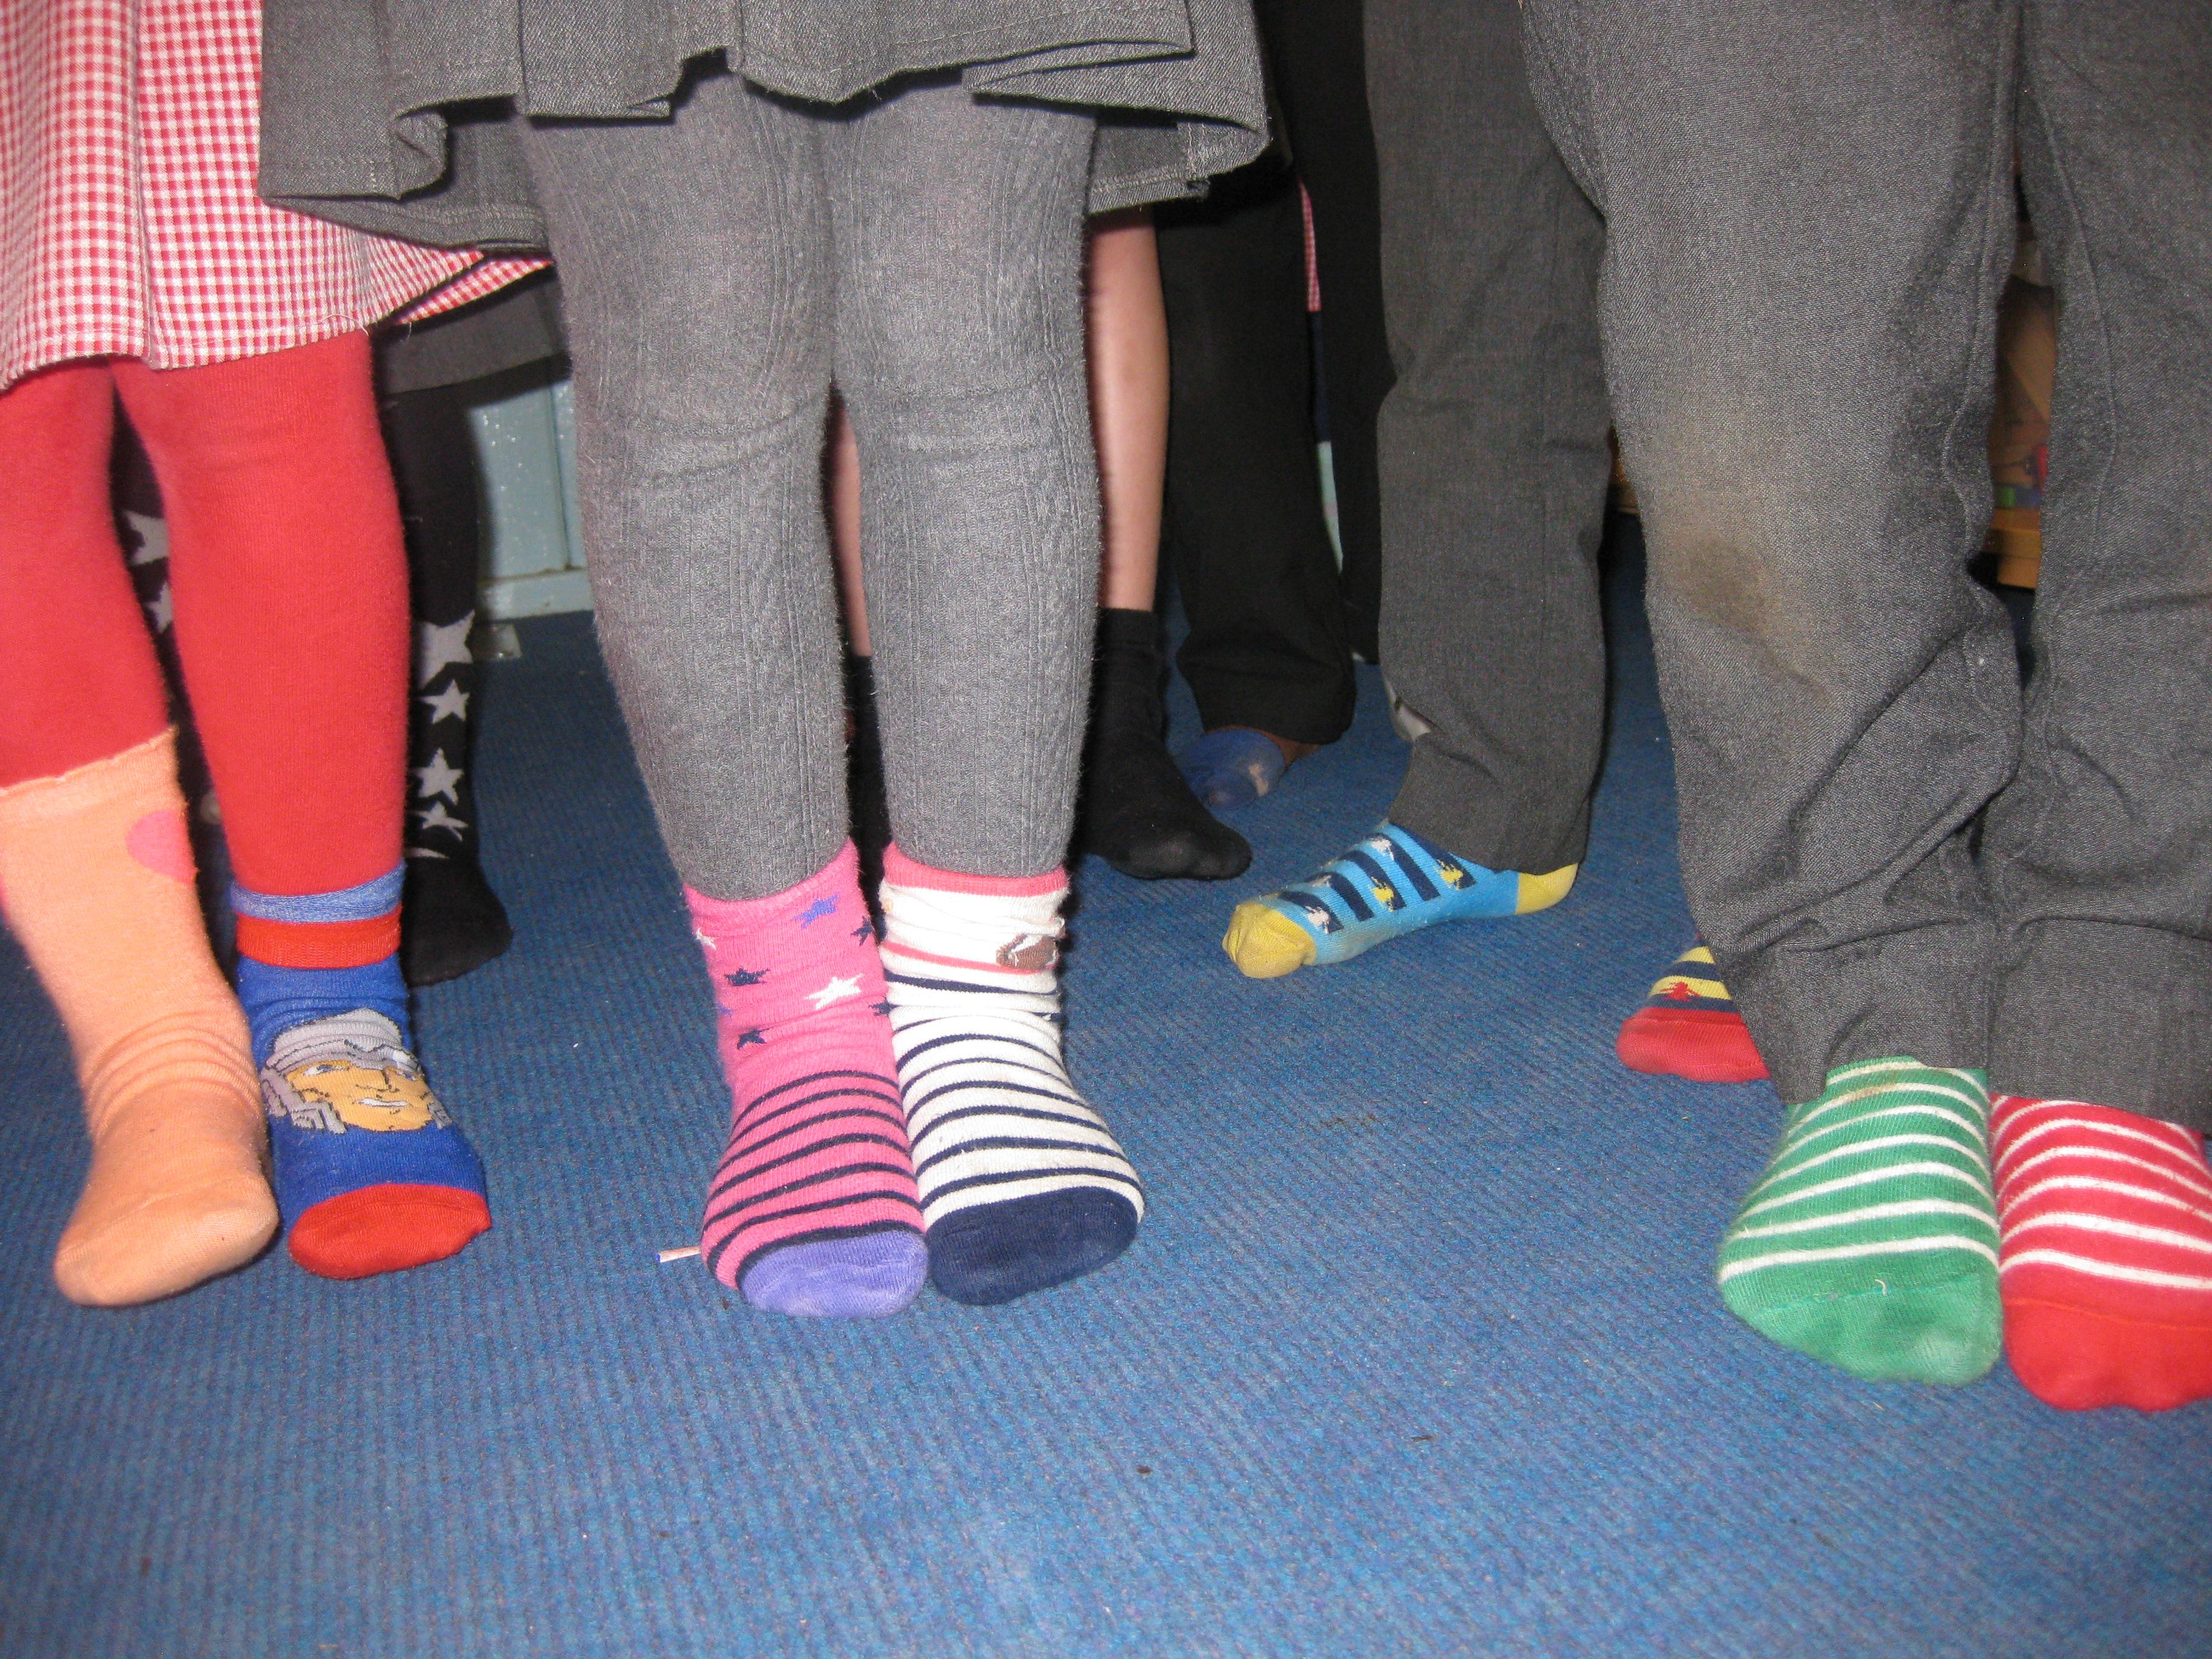 Mismatch socks HK